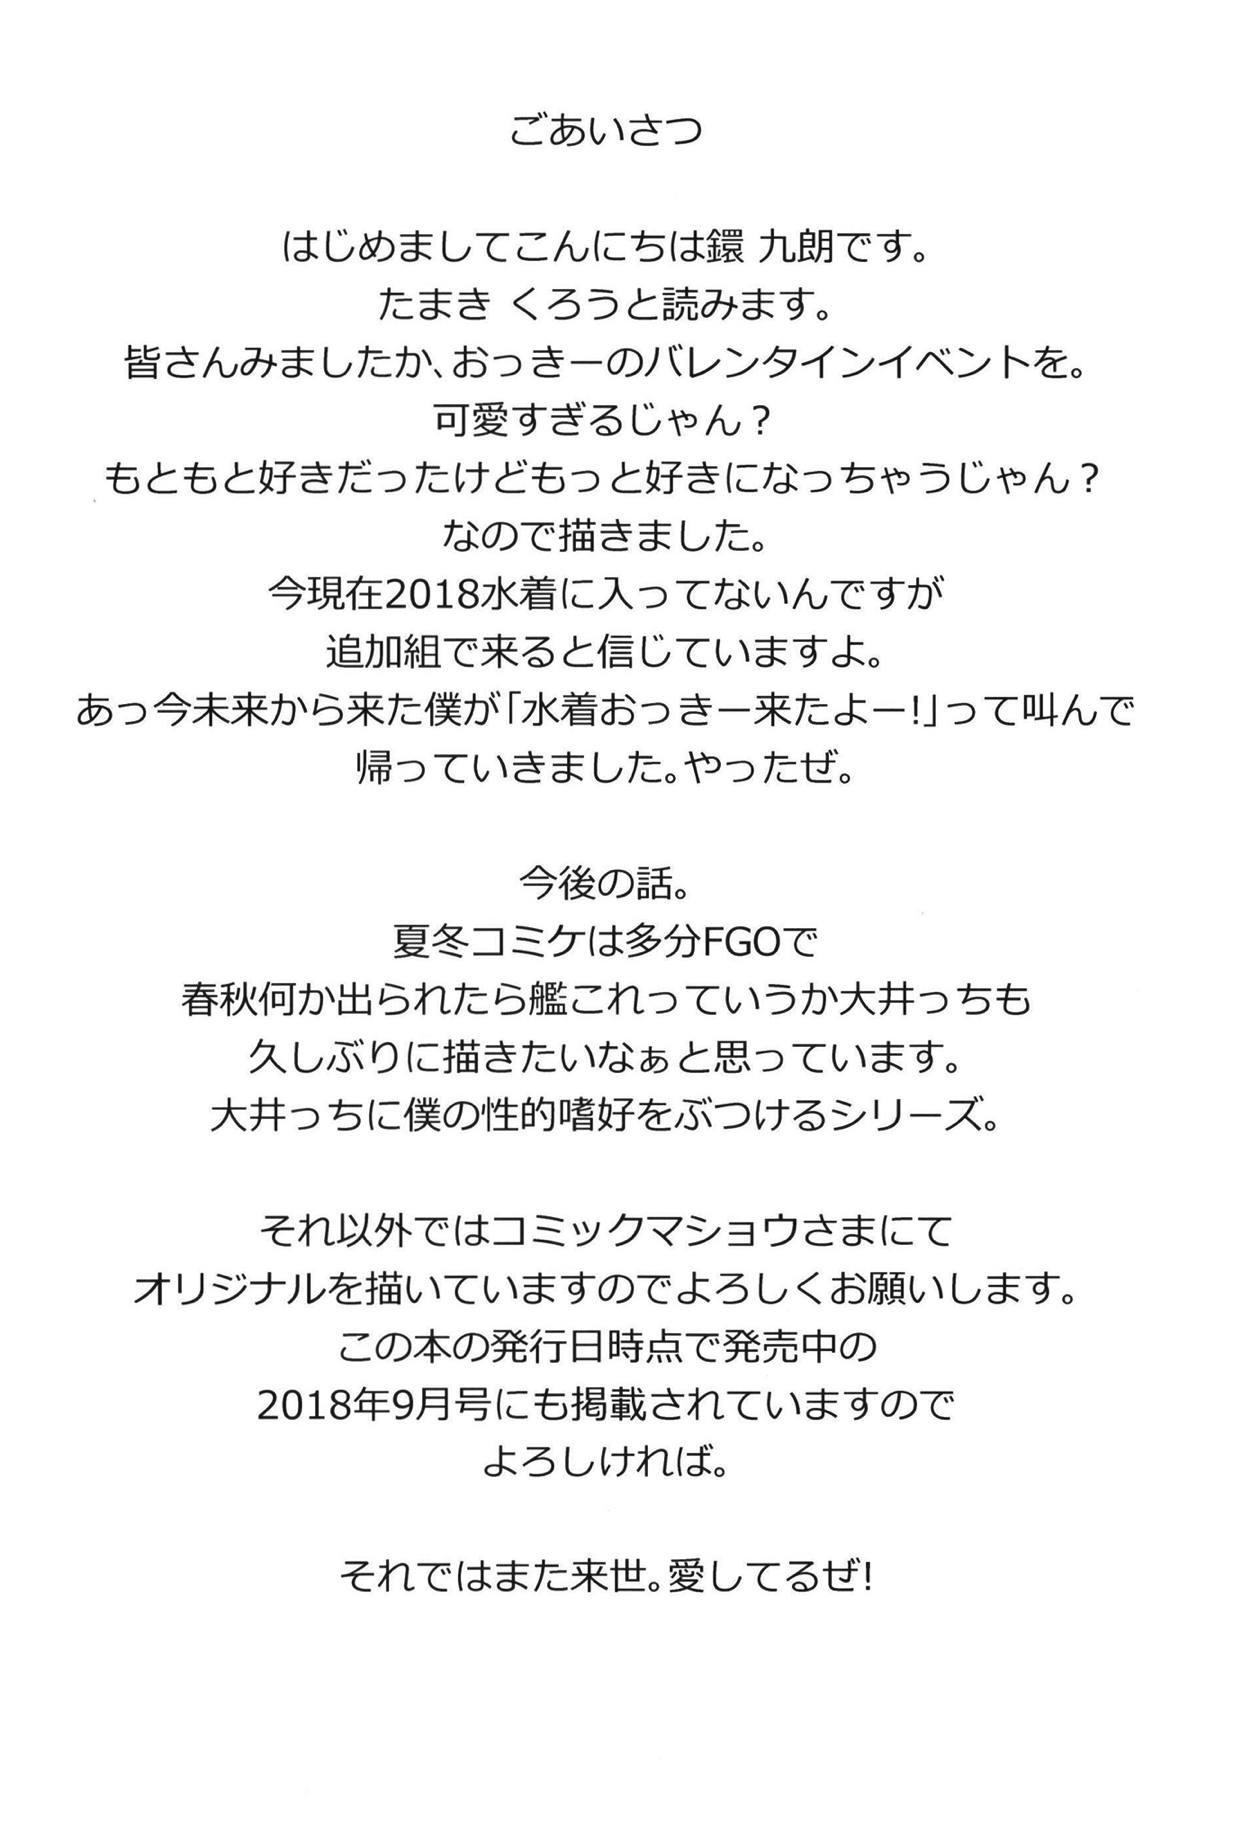 E!? Kono Shota Master-chan no Mendou o Watashi ga? 2